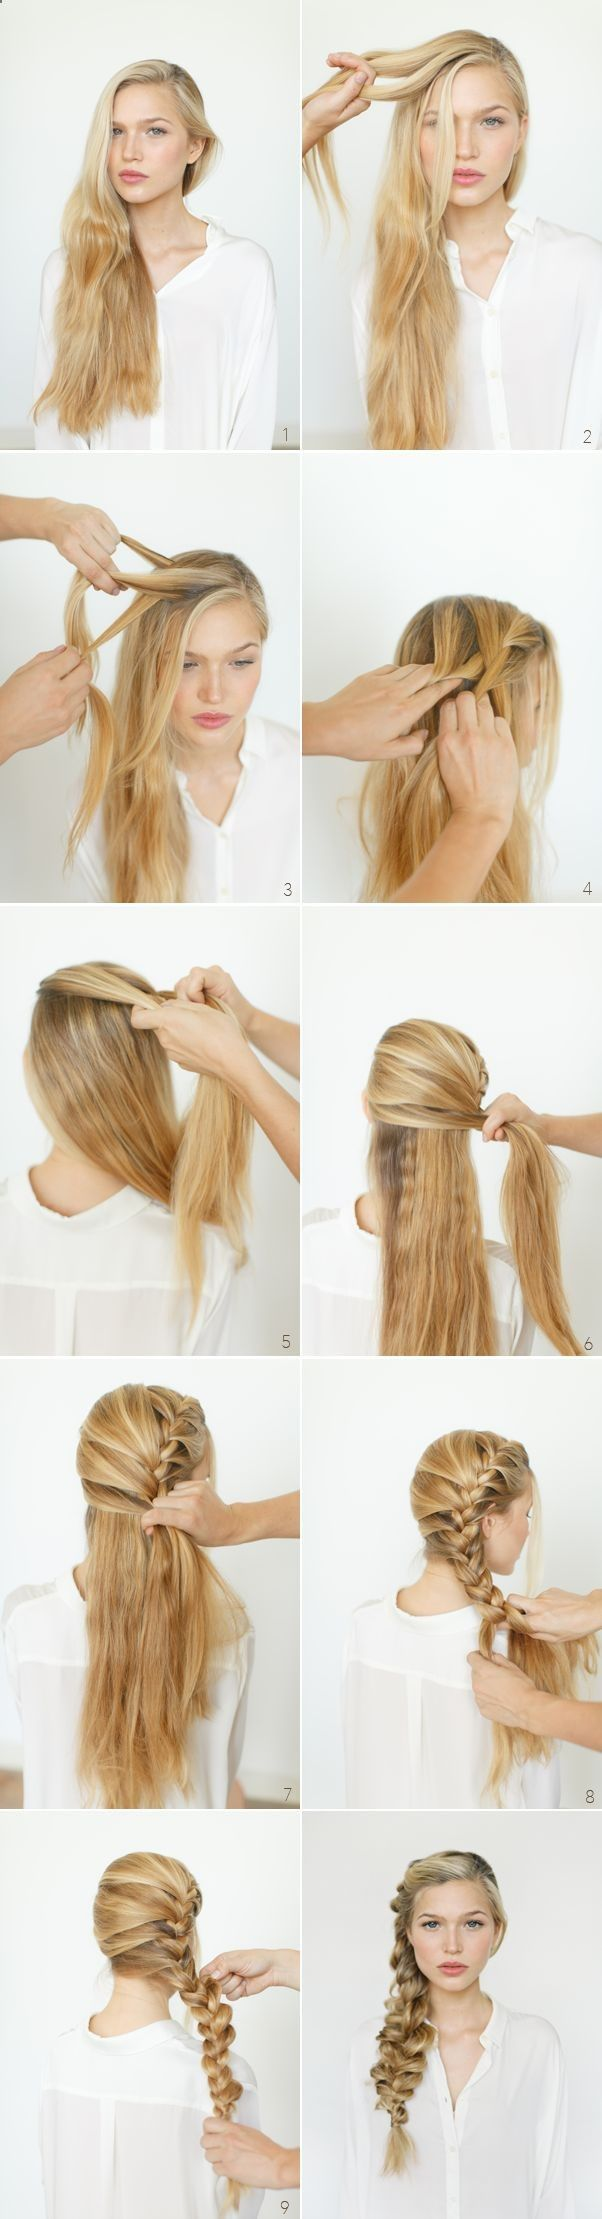 Romantic Side Braid Hair Tutorial | Wedding Hairstyles for Long Hair | via oncewed